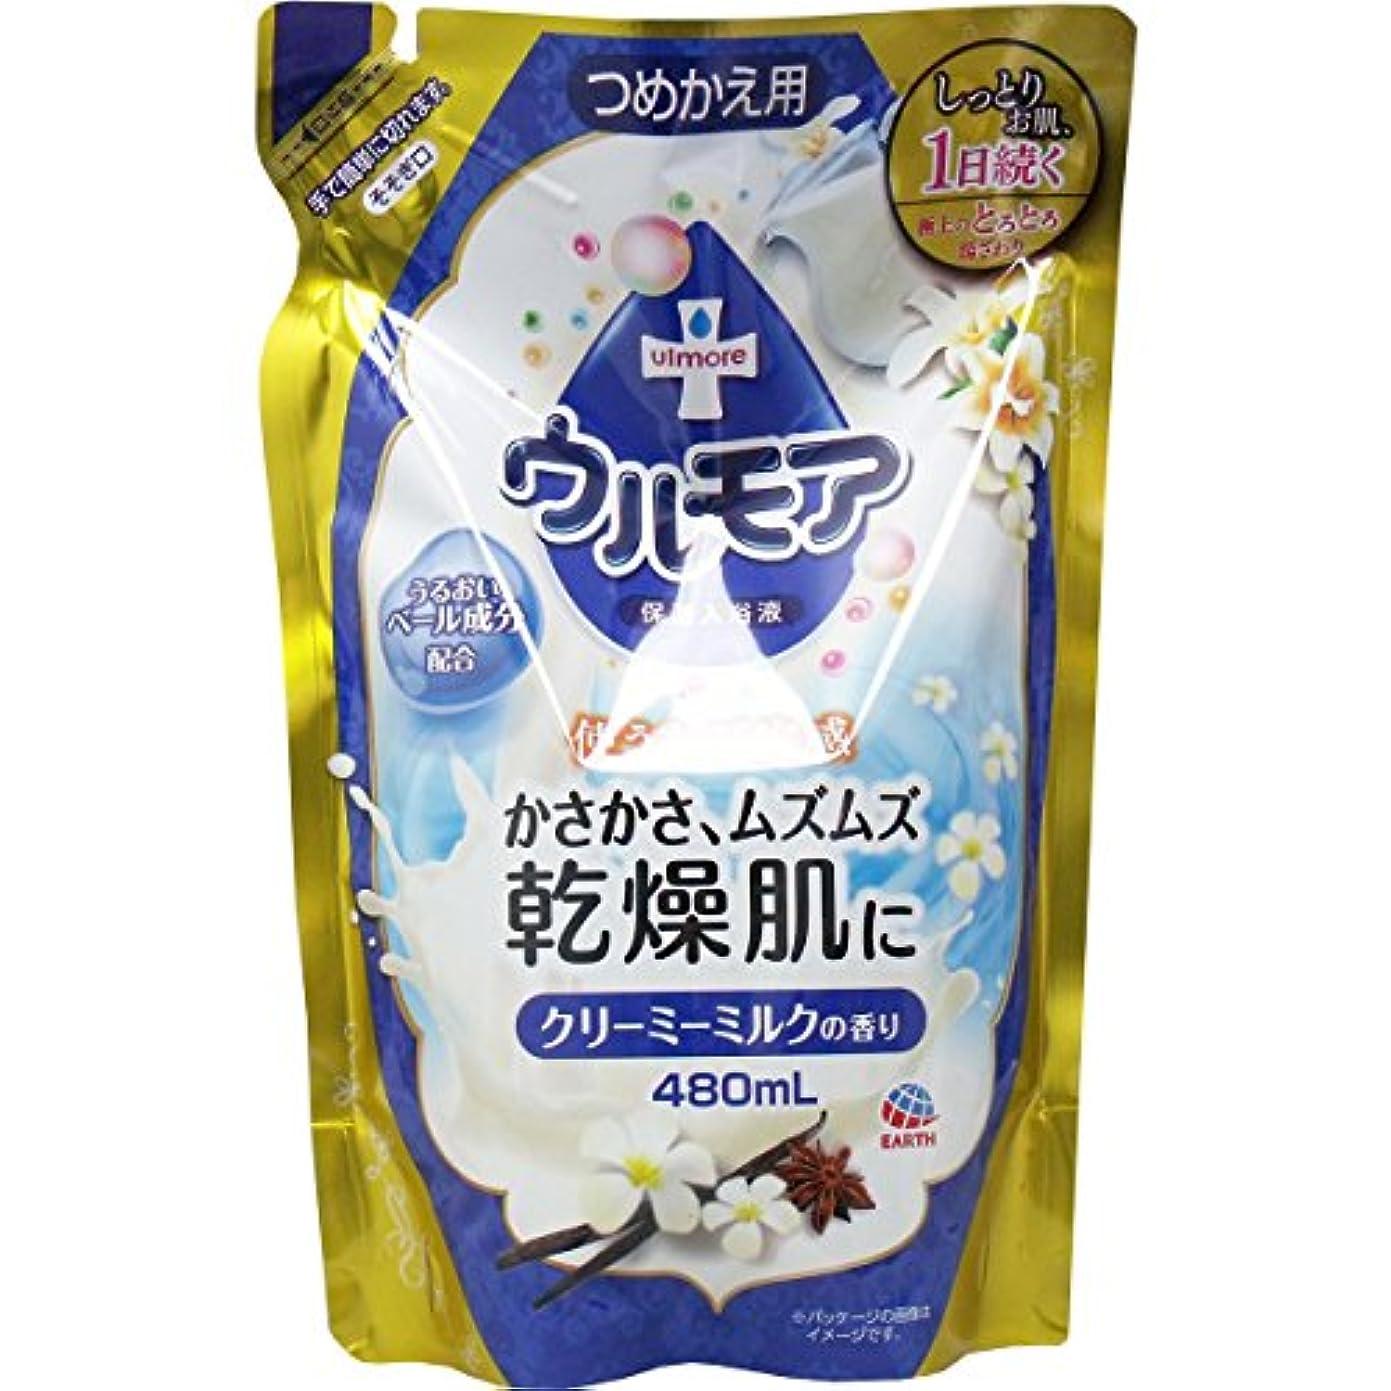 努力努力スタイル保湿入浴液ウルモアクリーミーミルク 替え × 10個セット